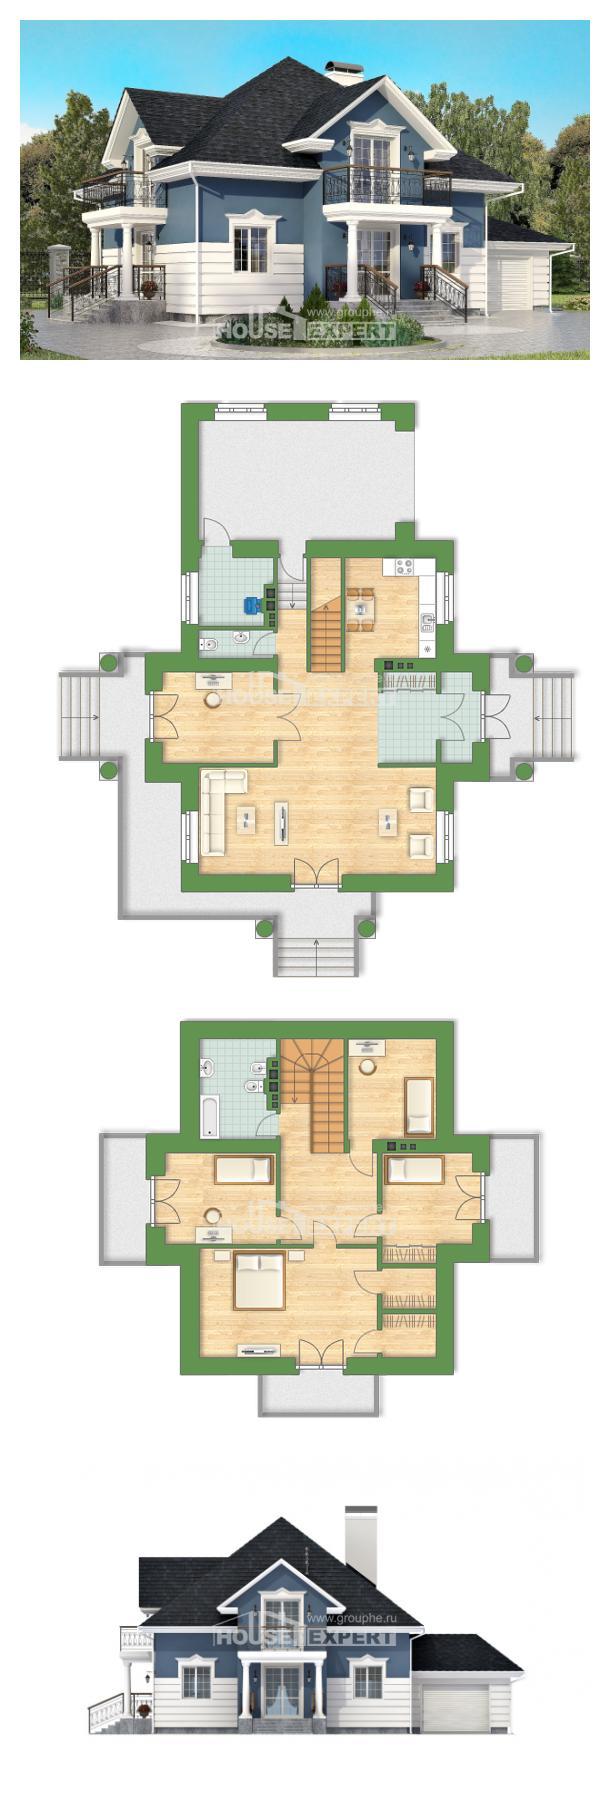 Plan 180-002-R   House Expert